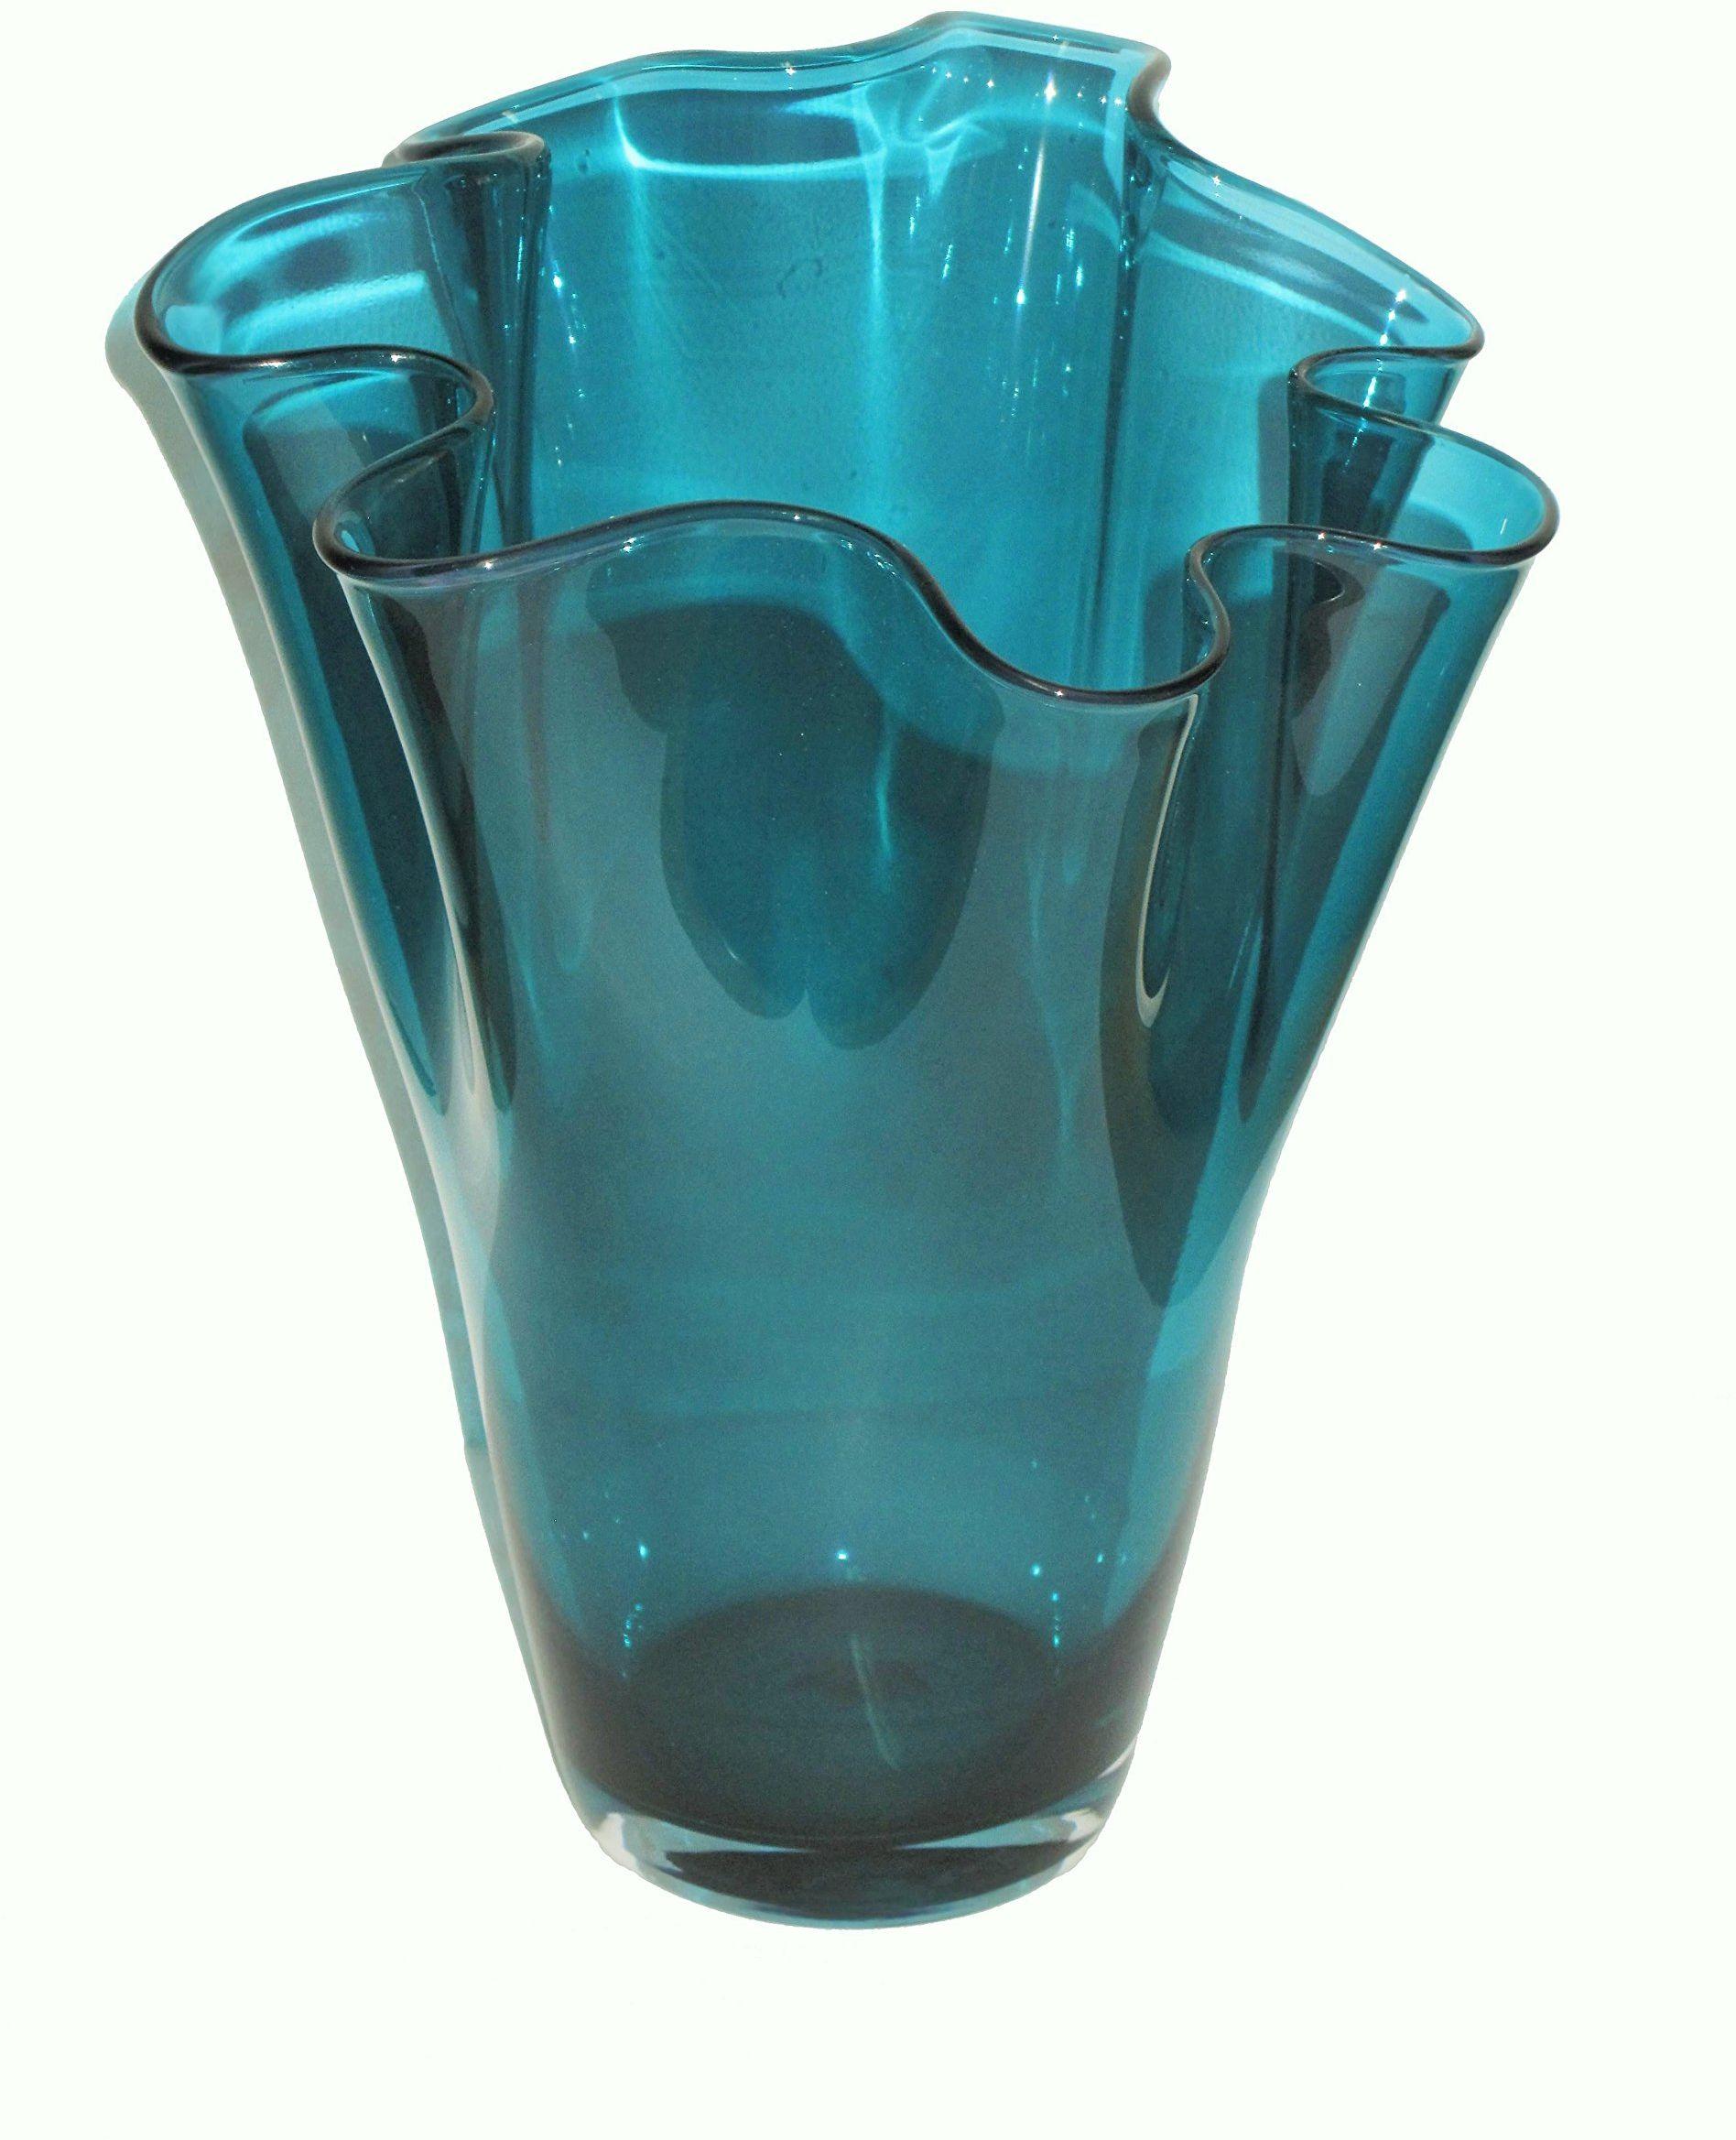 SIGNATURE HOME COLLECTION Szklany wazon dmuchany ustnie wazon dekoracyjny wazon na kwiaty turkusowy, szkło, 21 x 21 x 30 cm